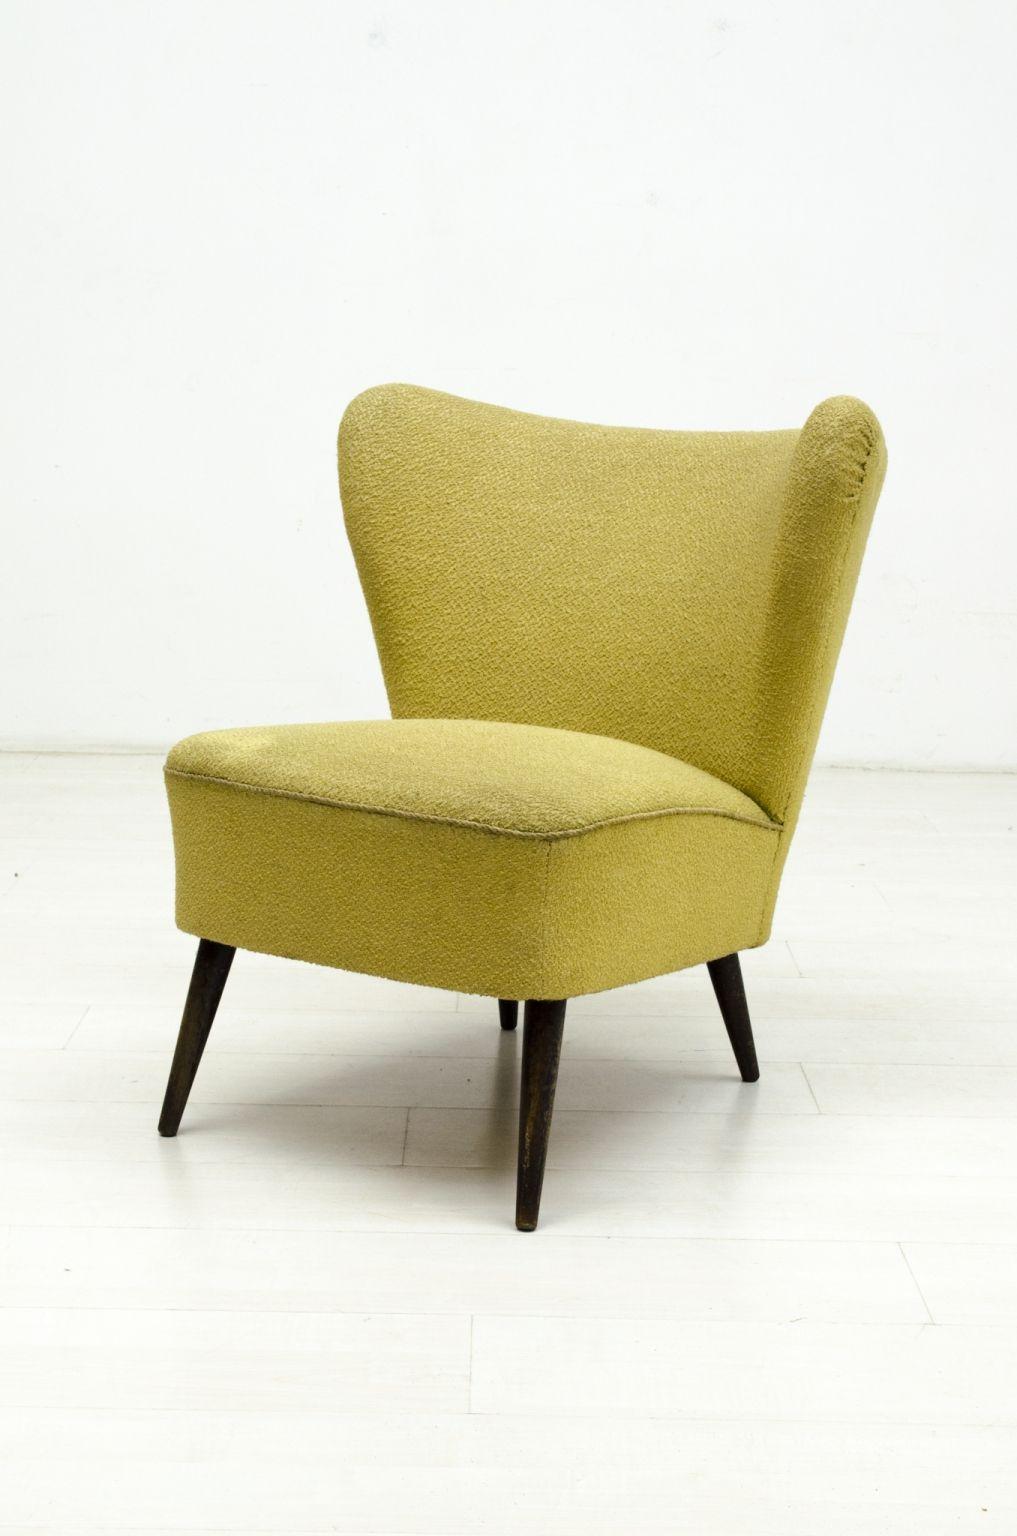 Leuke 60's cocktail fauteuil.Deze cocktail fauteuil heeft lichte gebruikssporen en op sommige plekken is de stof wat gesleten.  In een normale vintage staat.